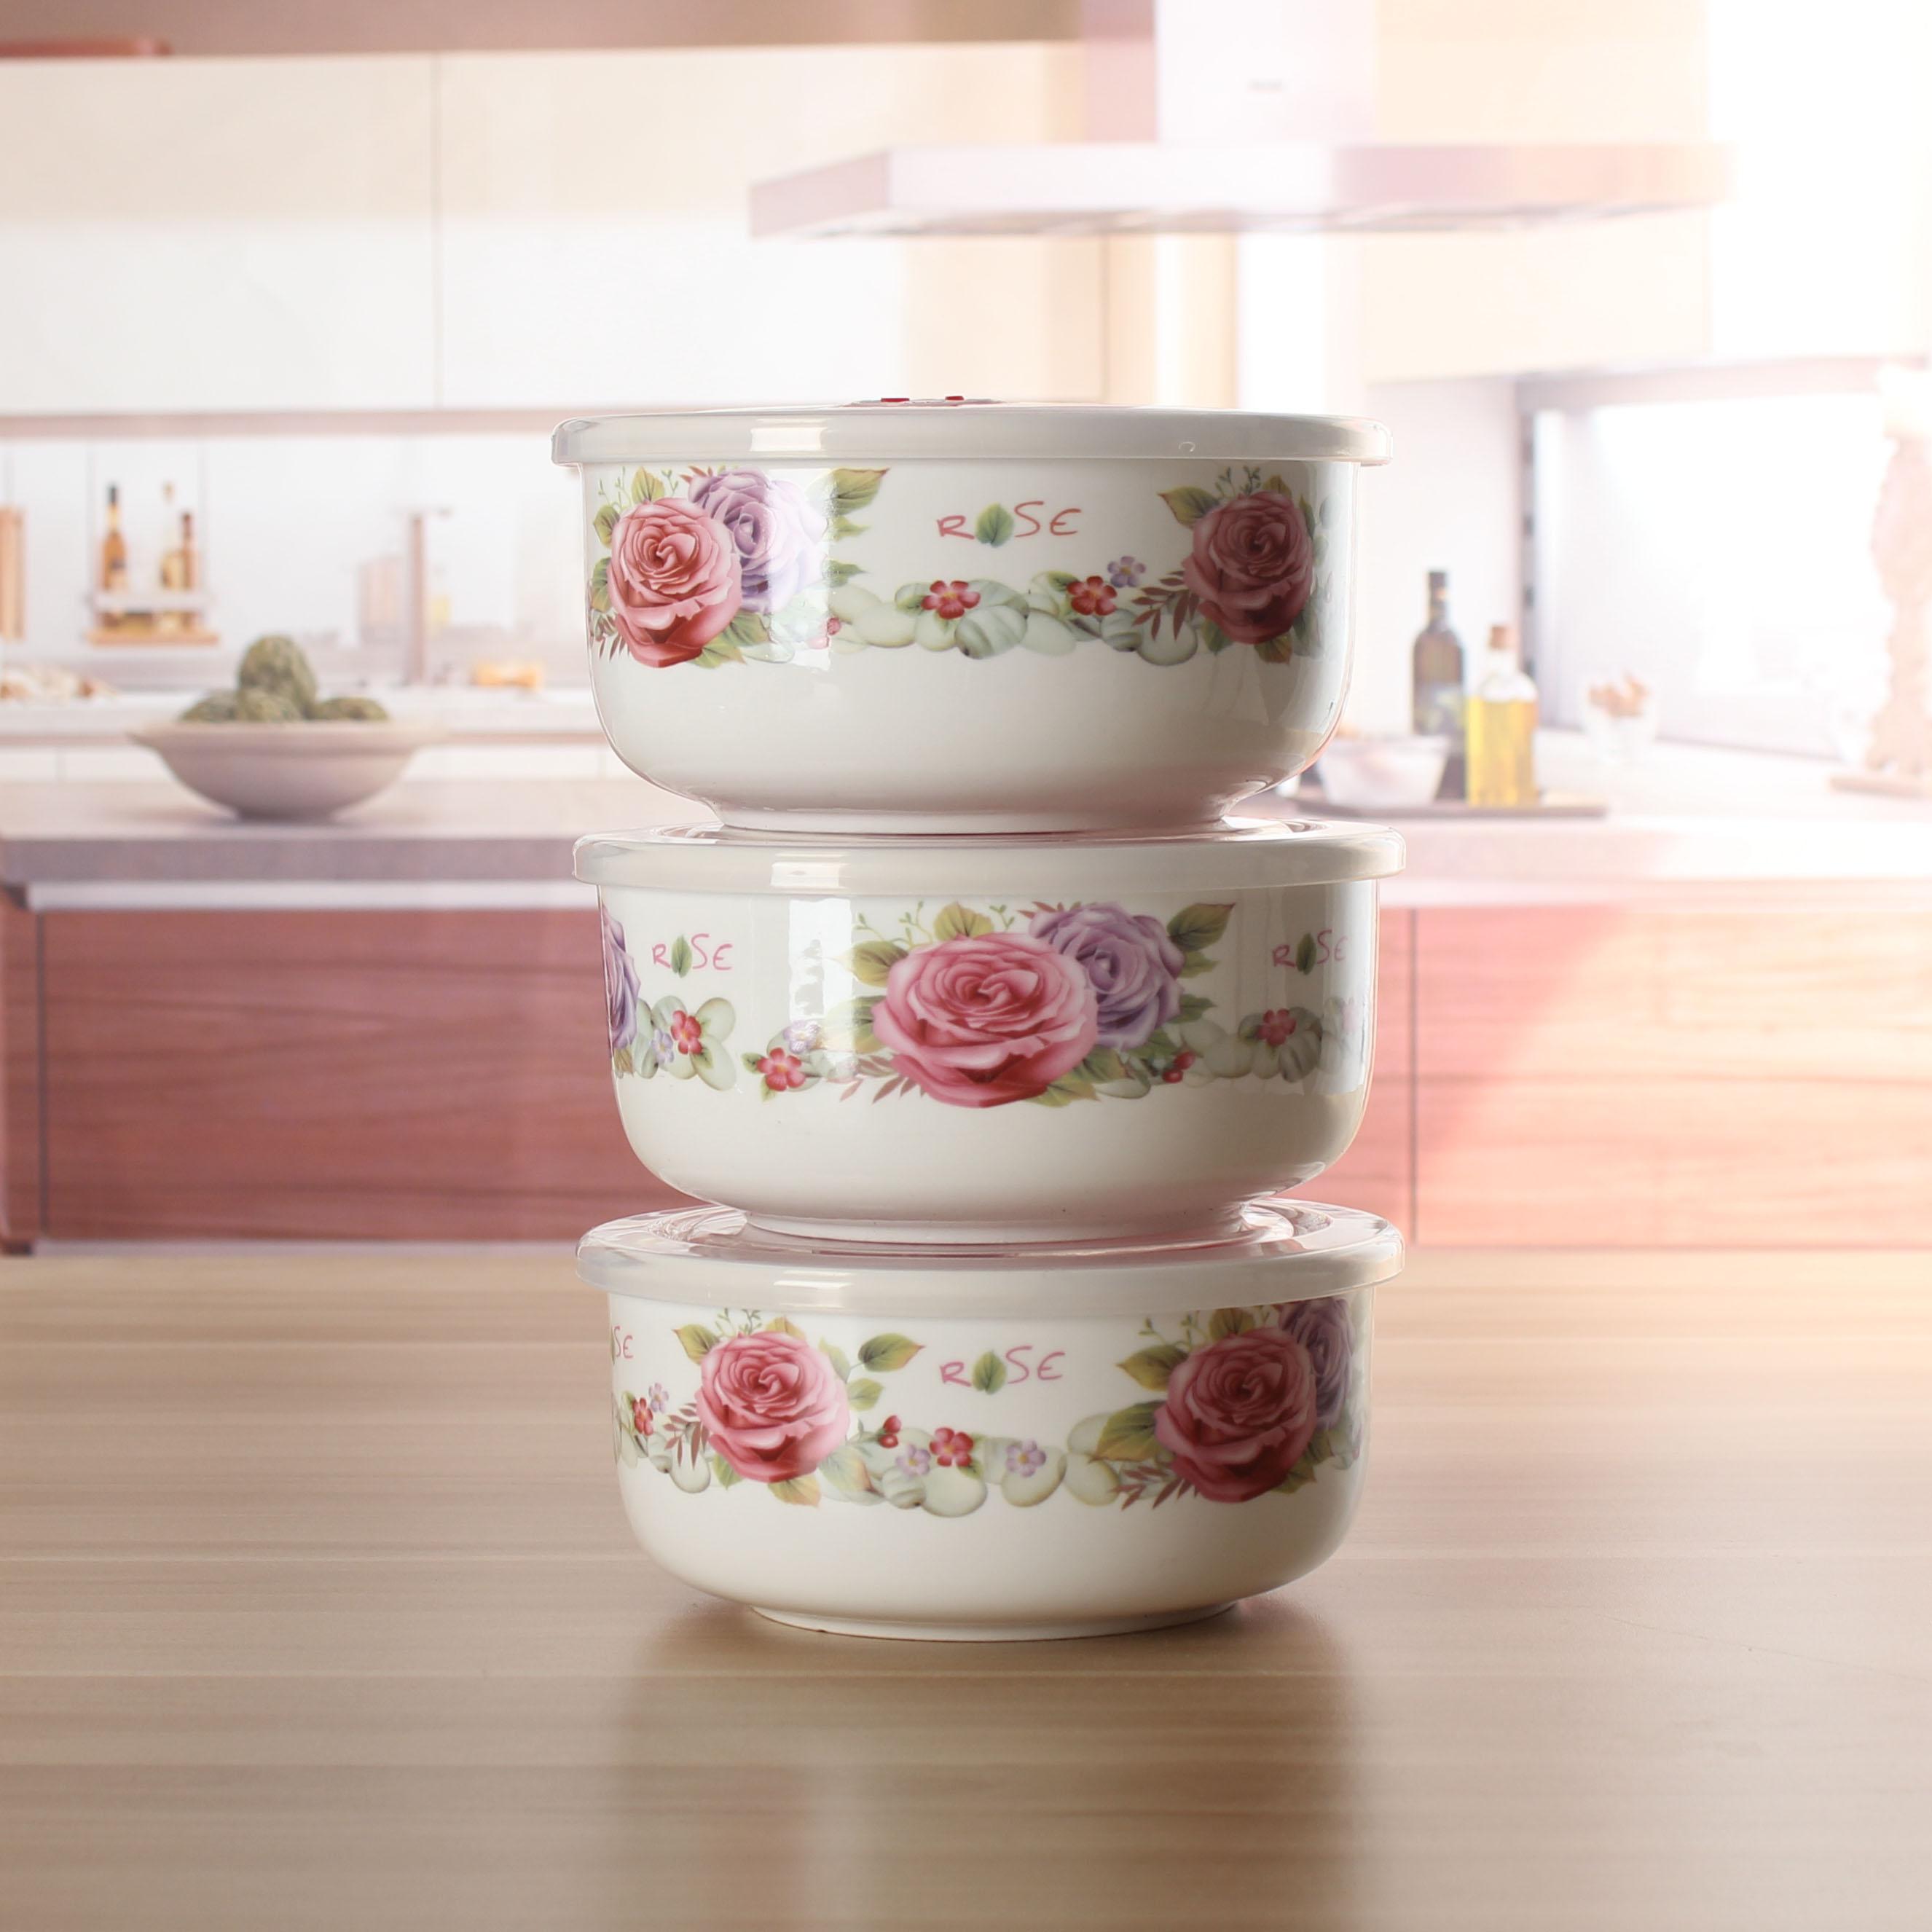 大号陶瓷保鲜碗带盖密封乐扣耐热饭盒密封罐不漏气冰箱微波炉专用